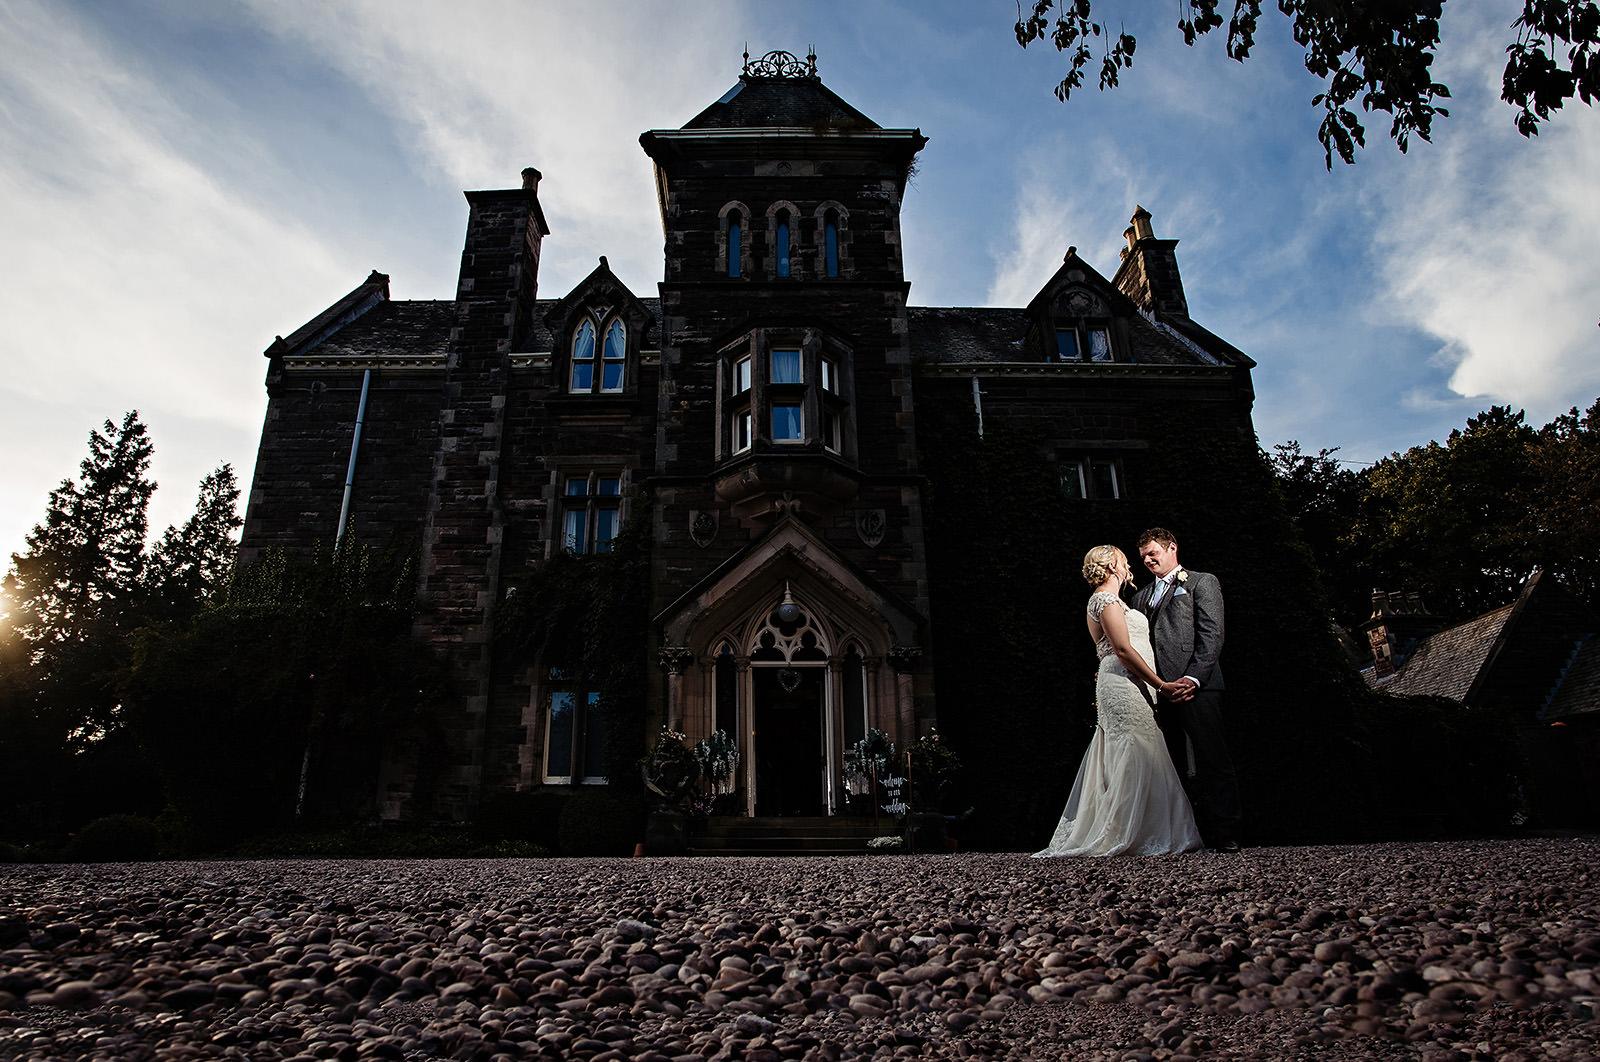 Dunwood Hall Bride and Groom Wedding Photography